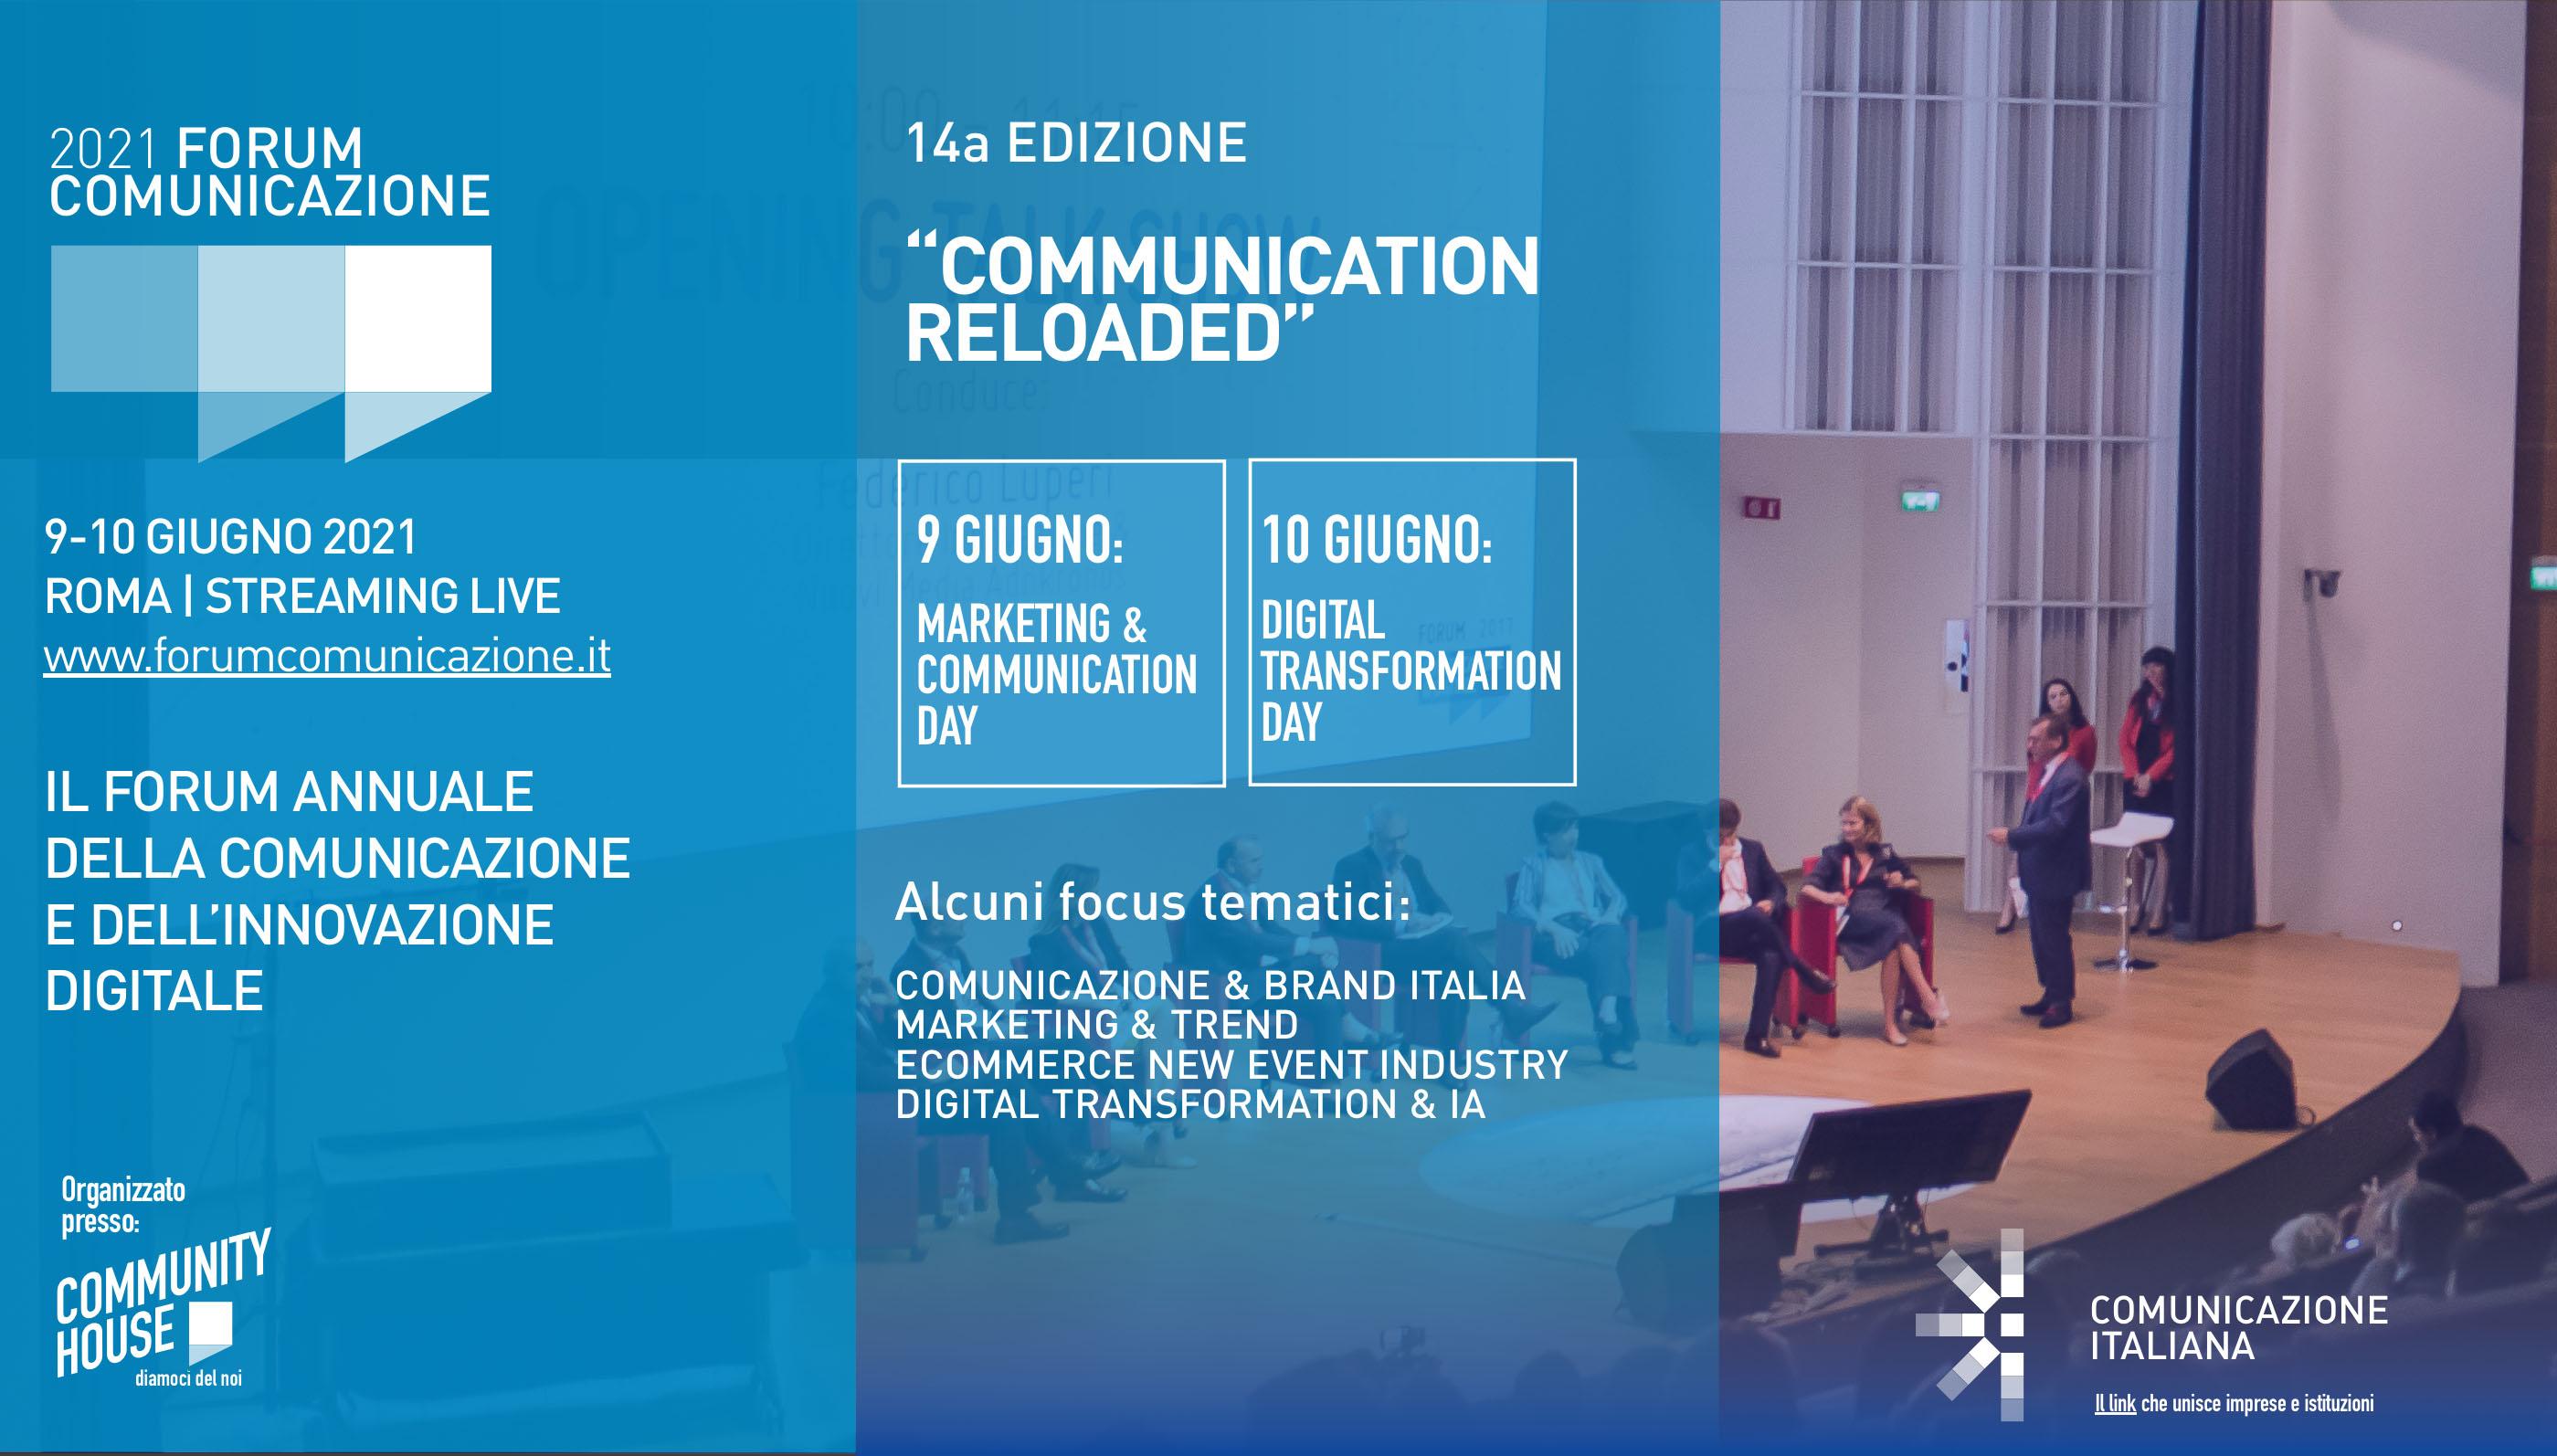 Forum Comunicazione 2021